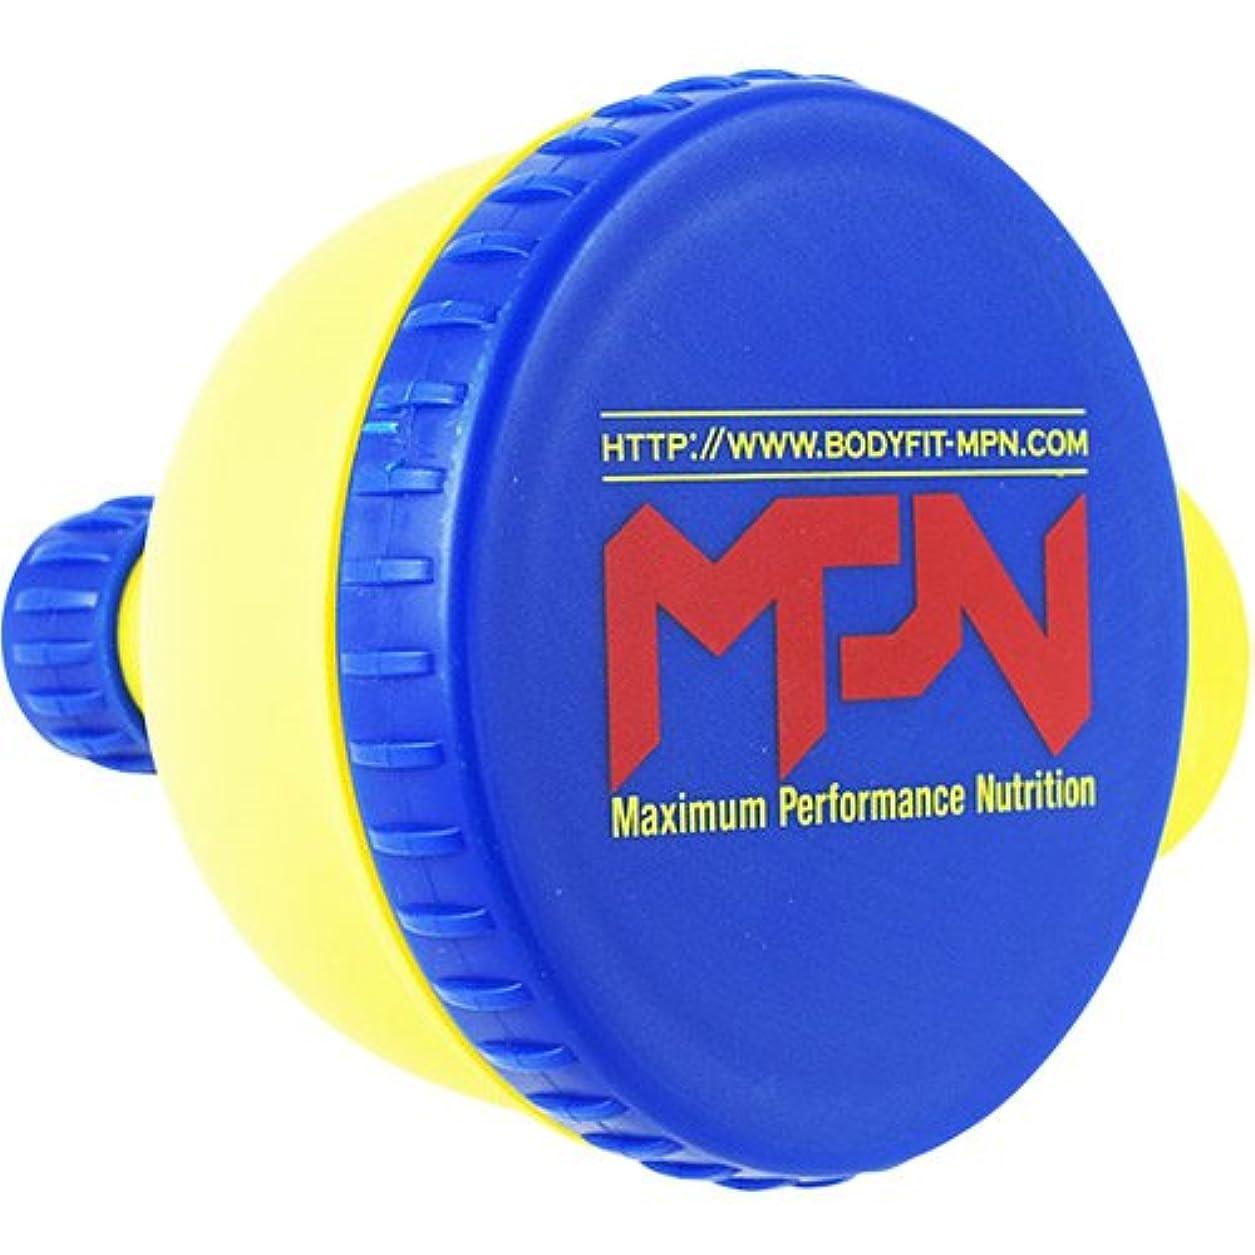 つかむ詩ジョットディボンドンボディフィット MPN ファンネル 粉末サプリメント小分け携帯用漏斗